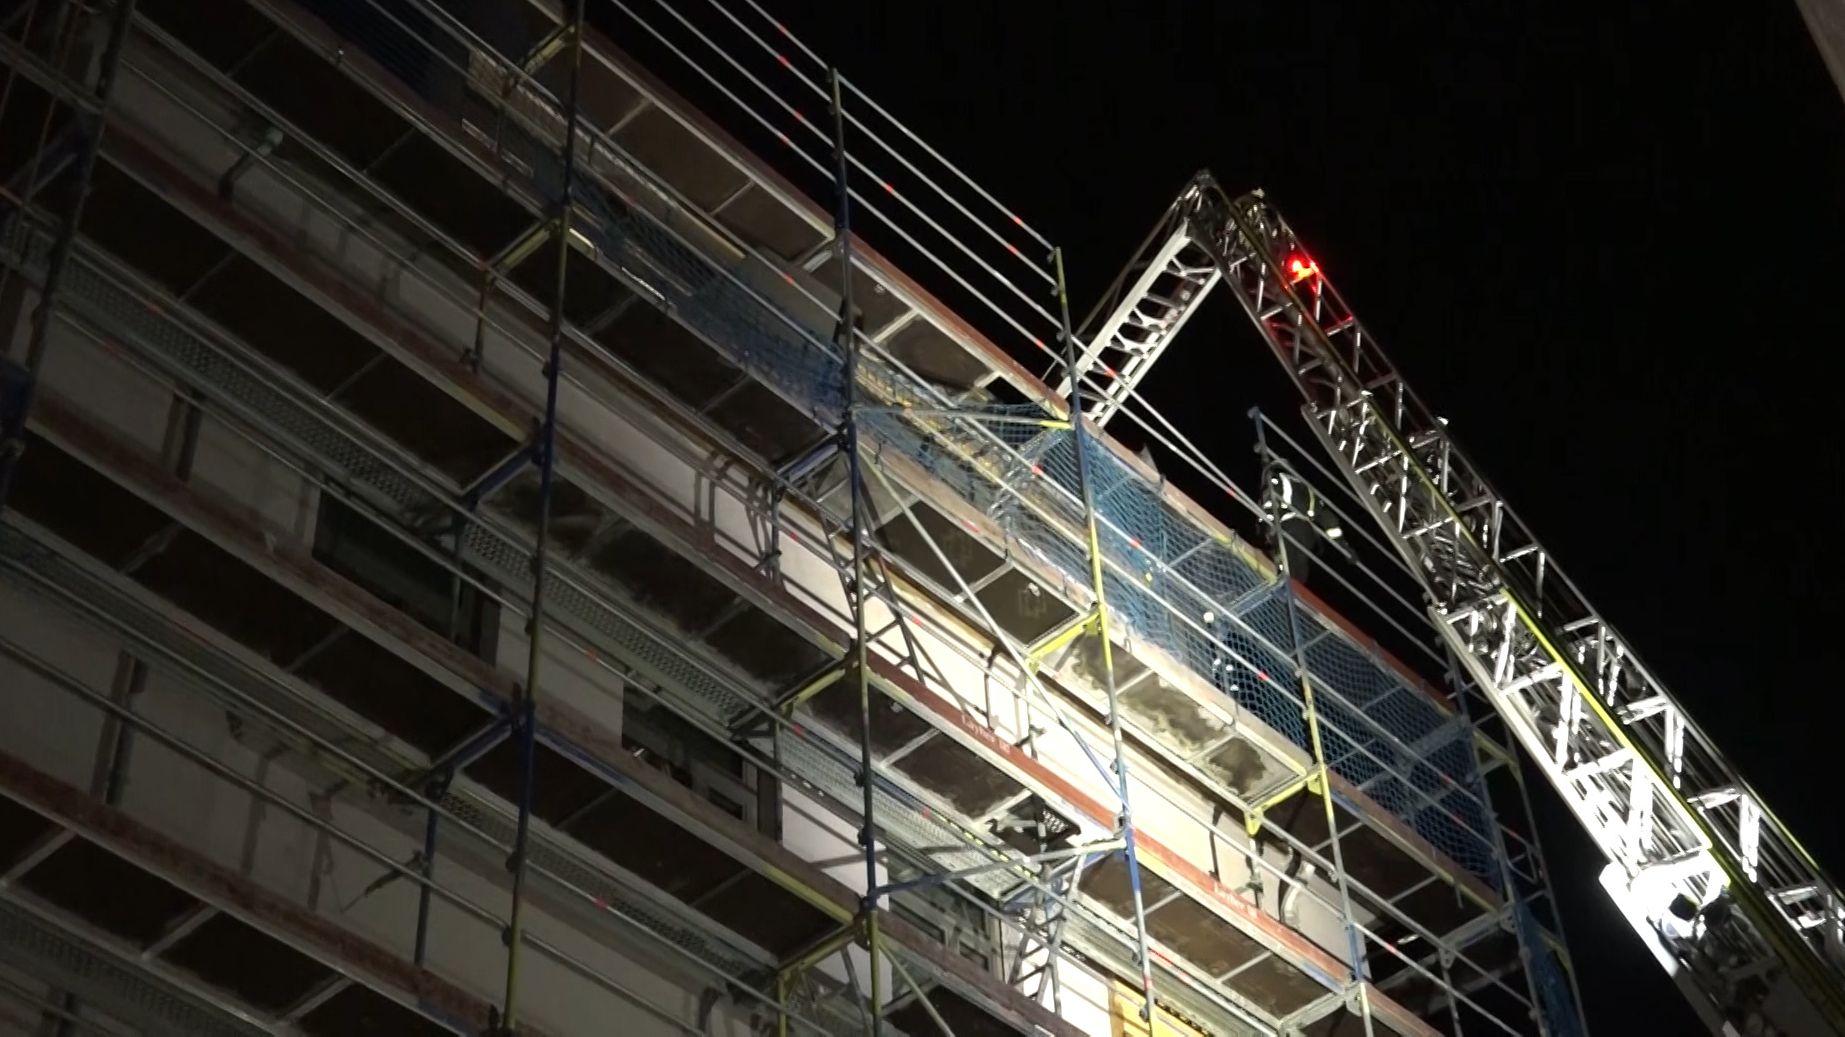 In der Luitpold-Grundschule in Augsburg hat der Dachstuhl gebrannt. Das Feuer ist offenbar bei Schweißarbeiten ausgebrochen.